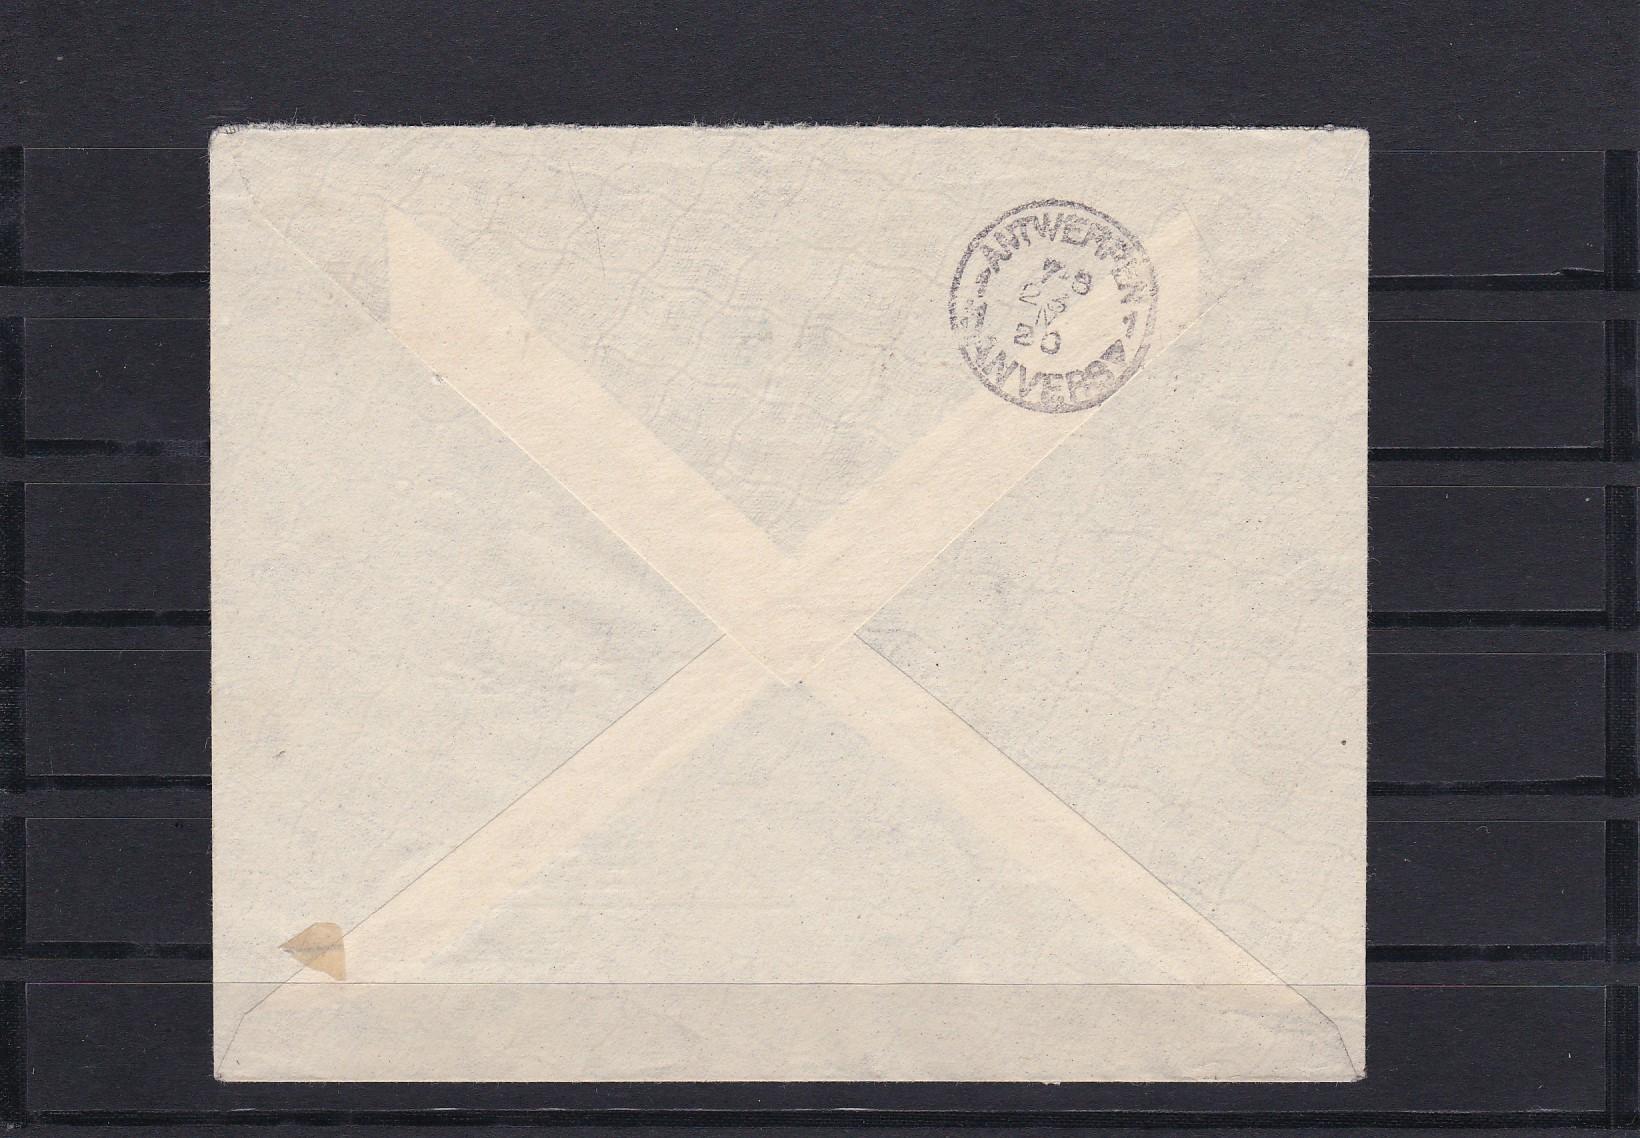 Briefe Mit Einschreiben Verfolgen : Malmedy einschreiben briefe mit minr · philarena